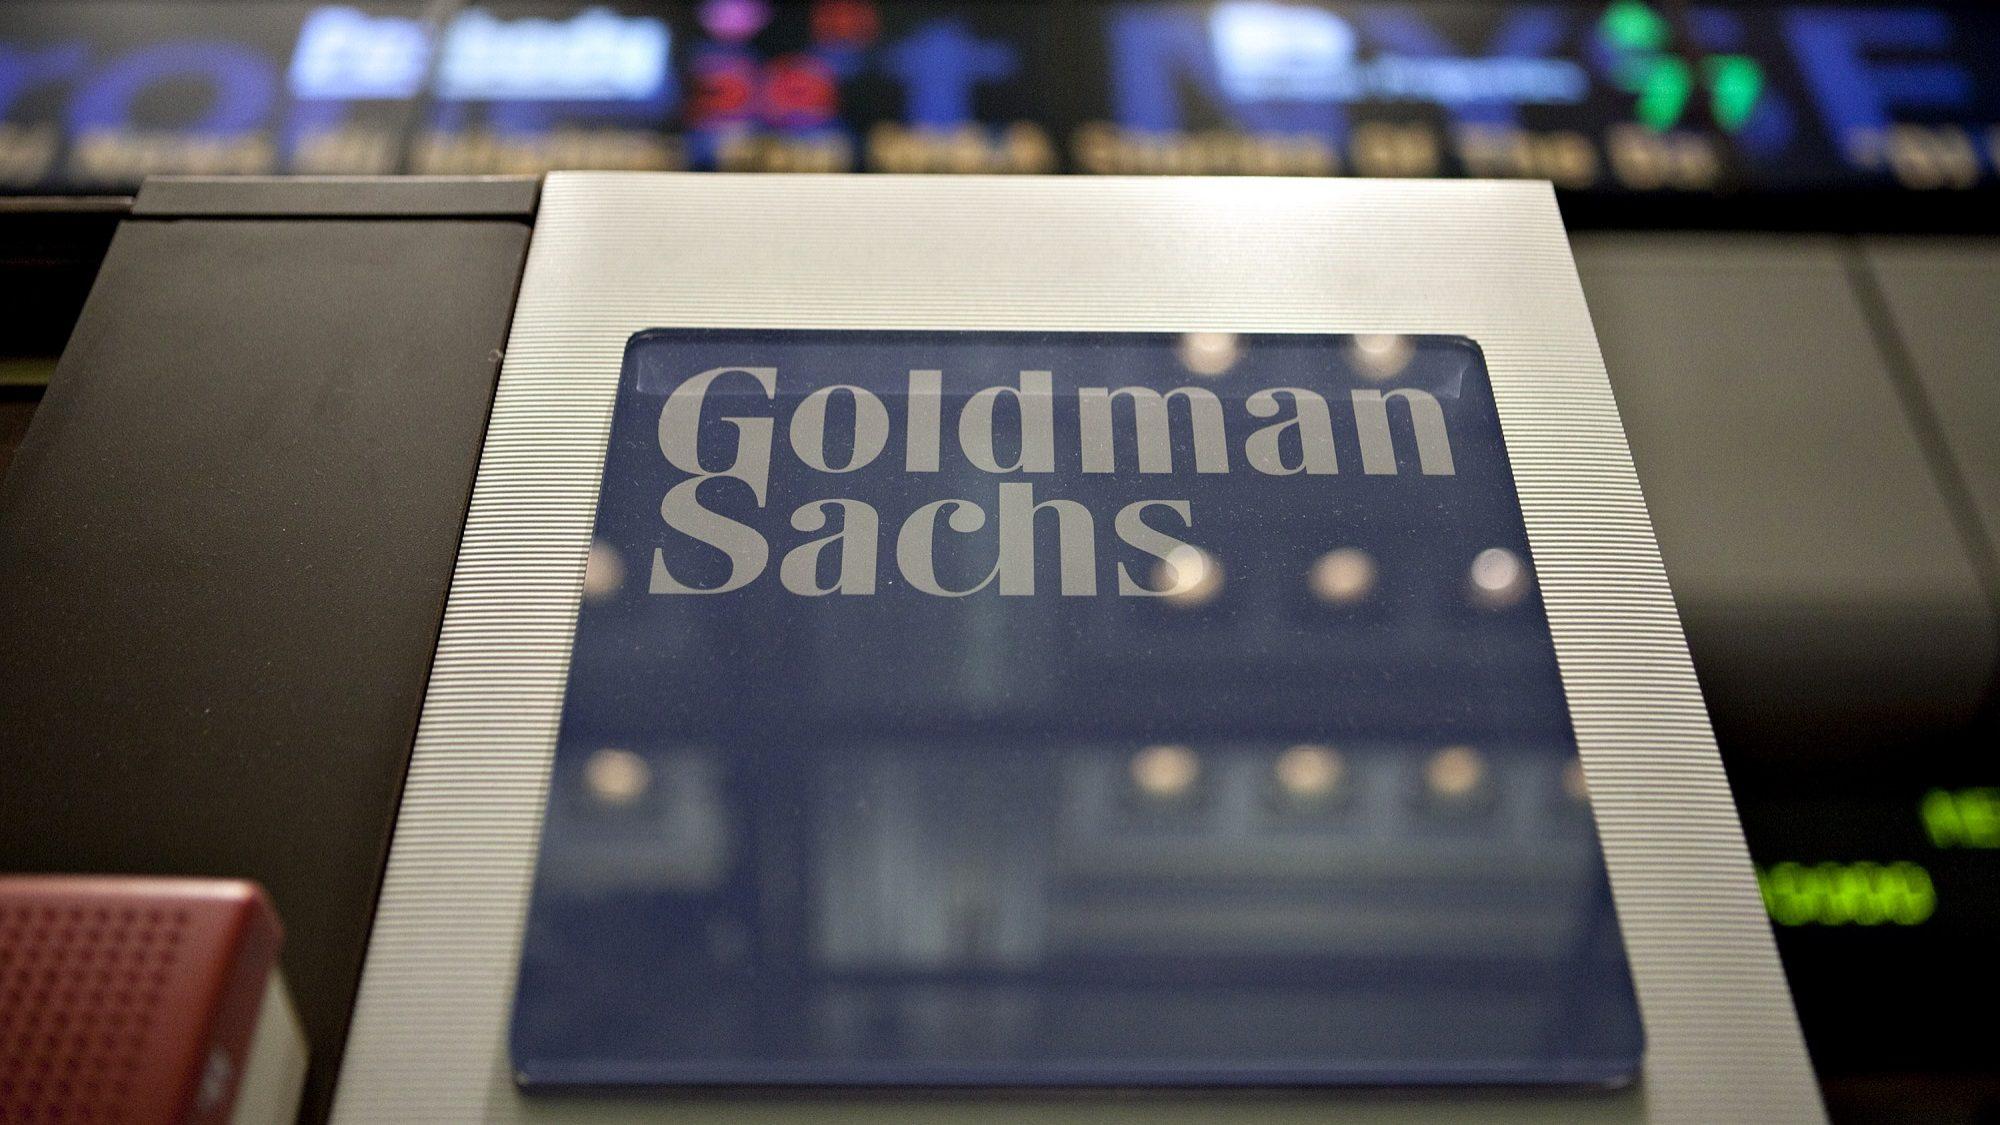 Goldman Sachs paga menos 56% às mulheres. Mas não é o único banco